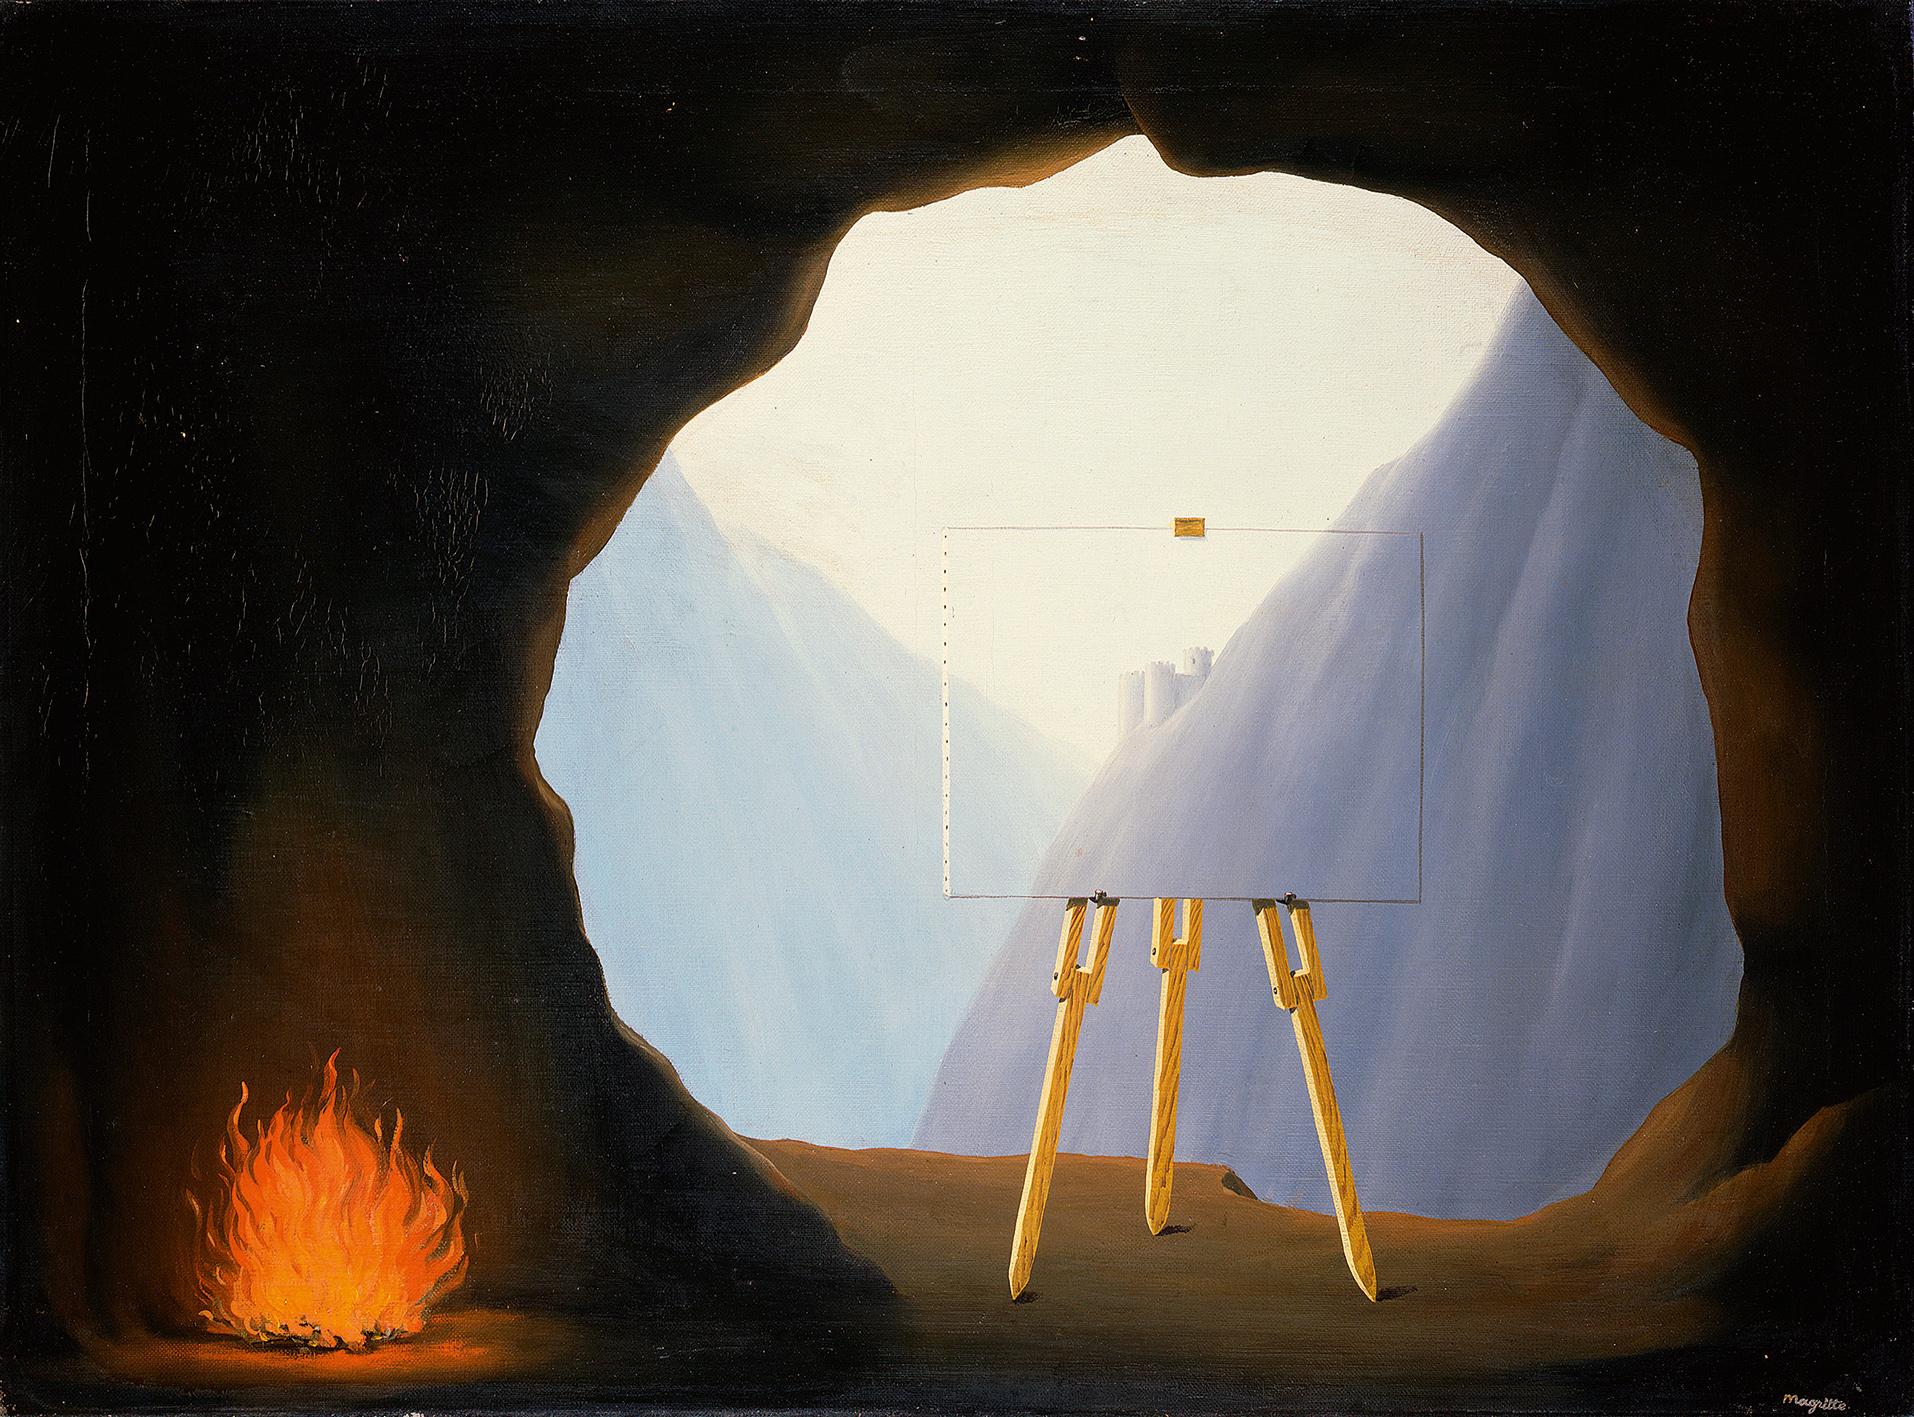 René Magritte, La Condition humaine, 1935